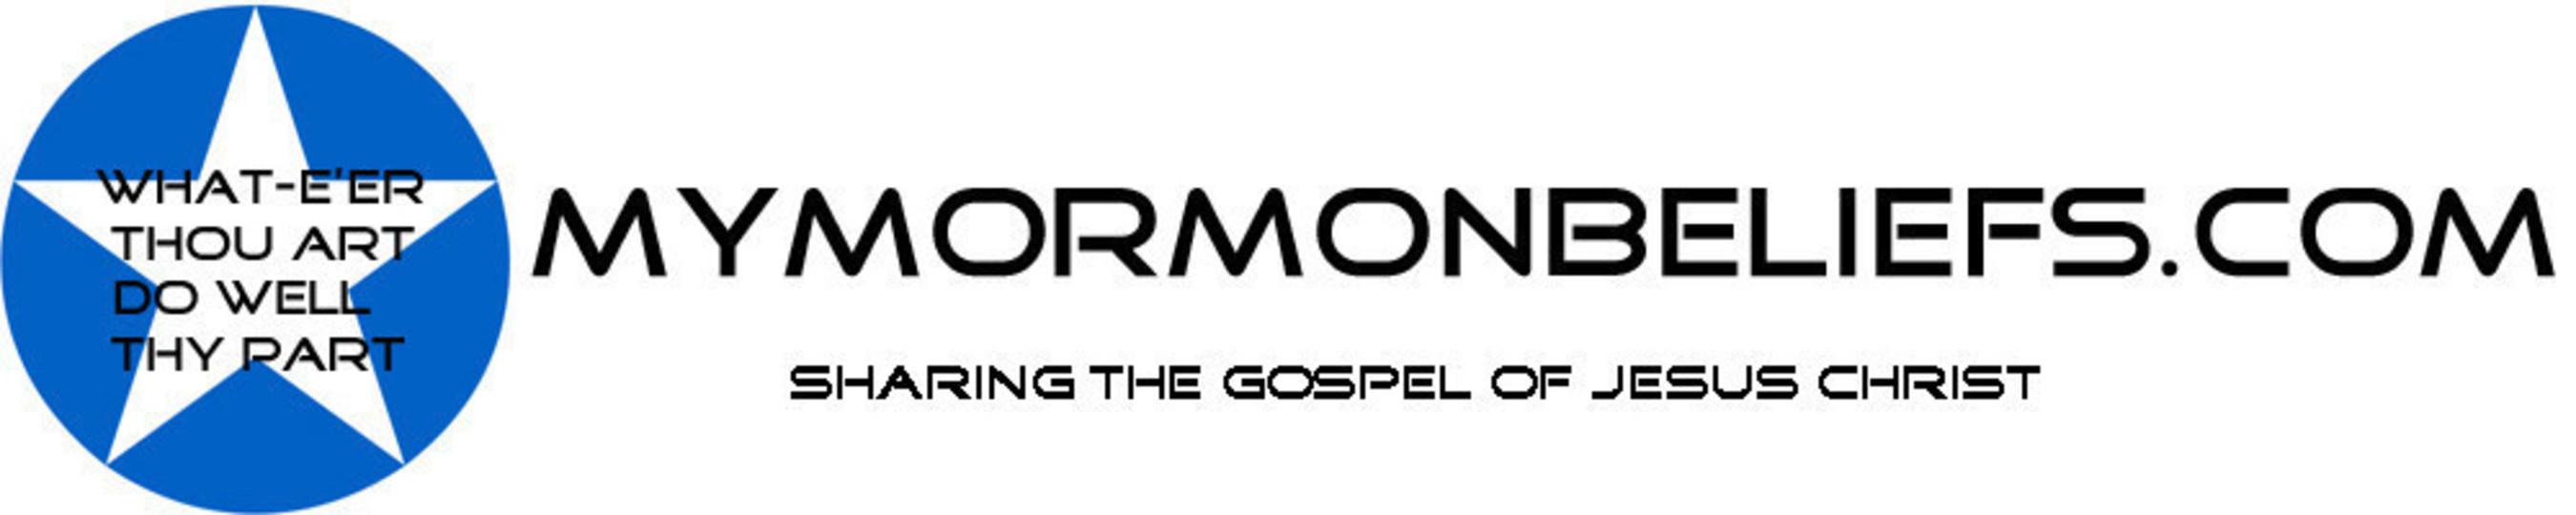 New Website Promotes Mormon Beliefs